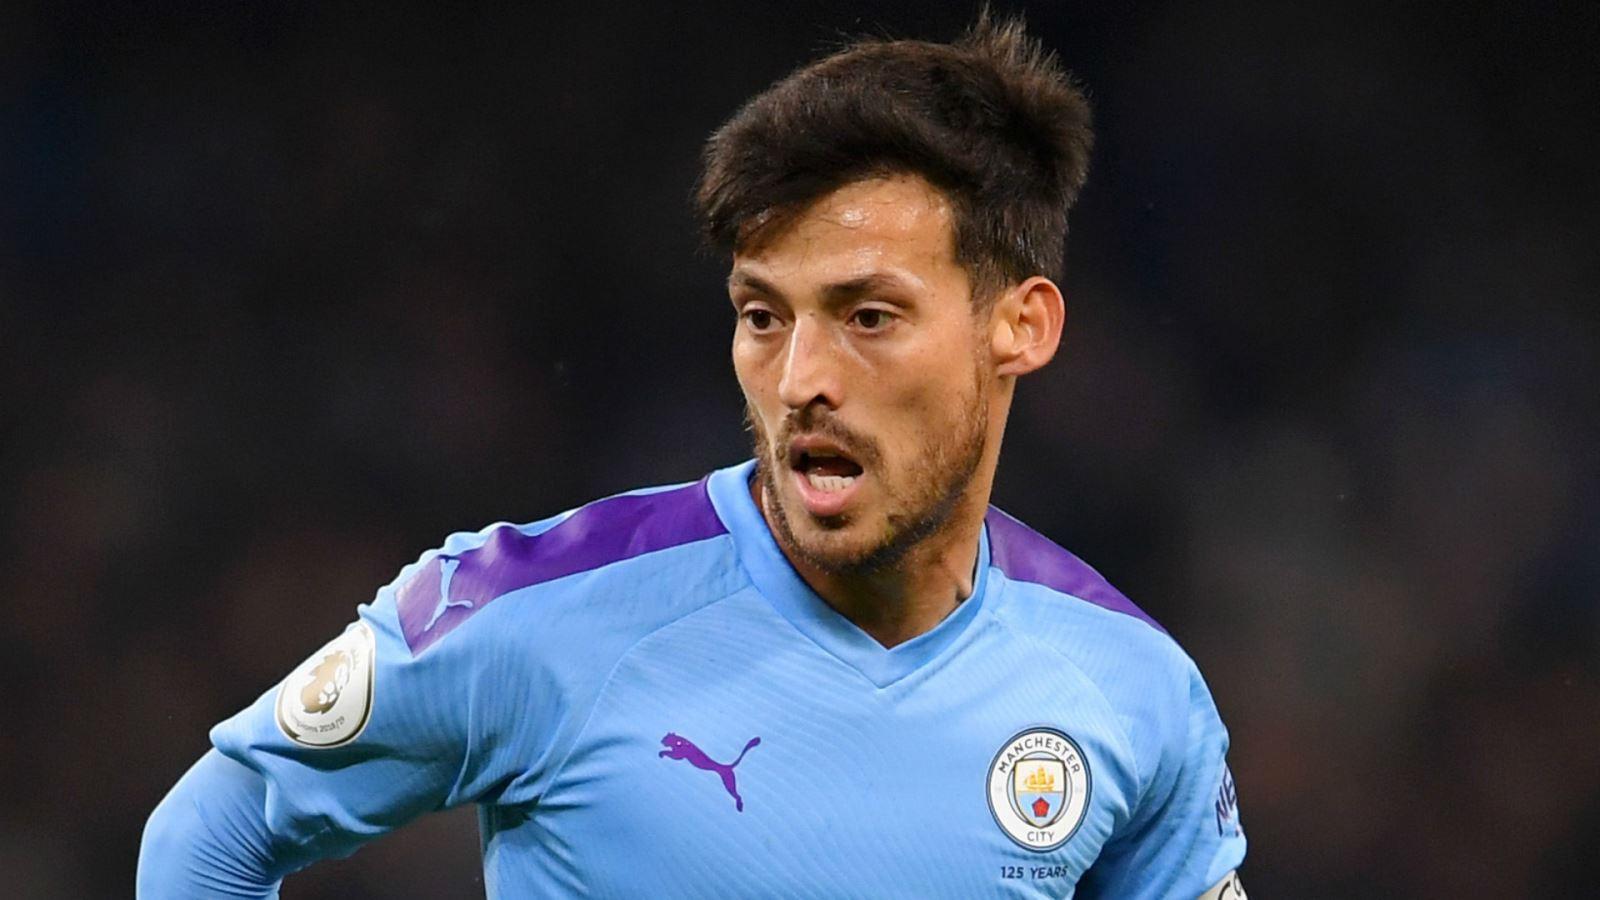 chuyển nhượng, Kylian Mbappe, PSG, Real Madrid, MU, Ibrahimovic, AC Milan, lịch thi đấu, Aubameyang, Arsenal, David Silva